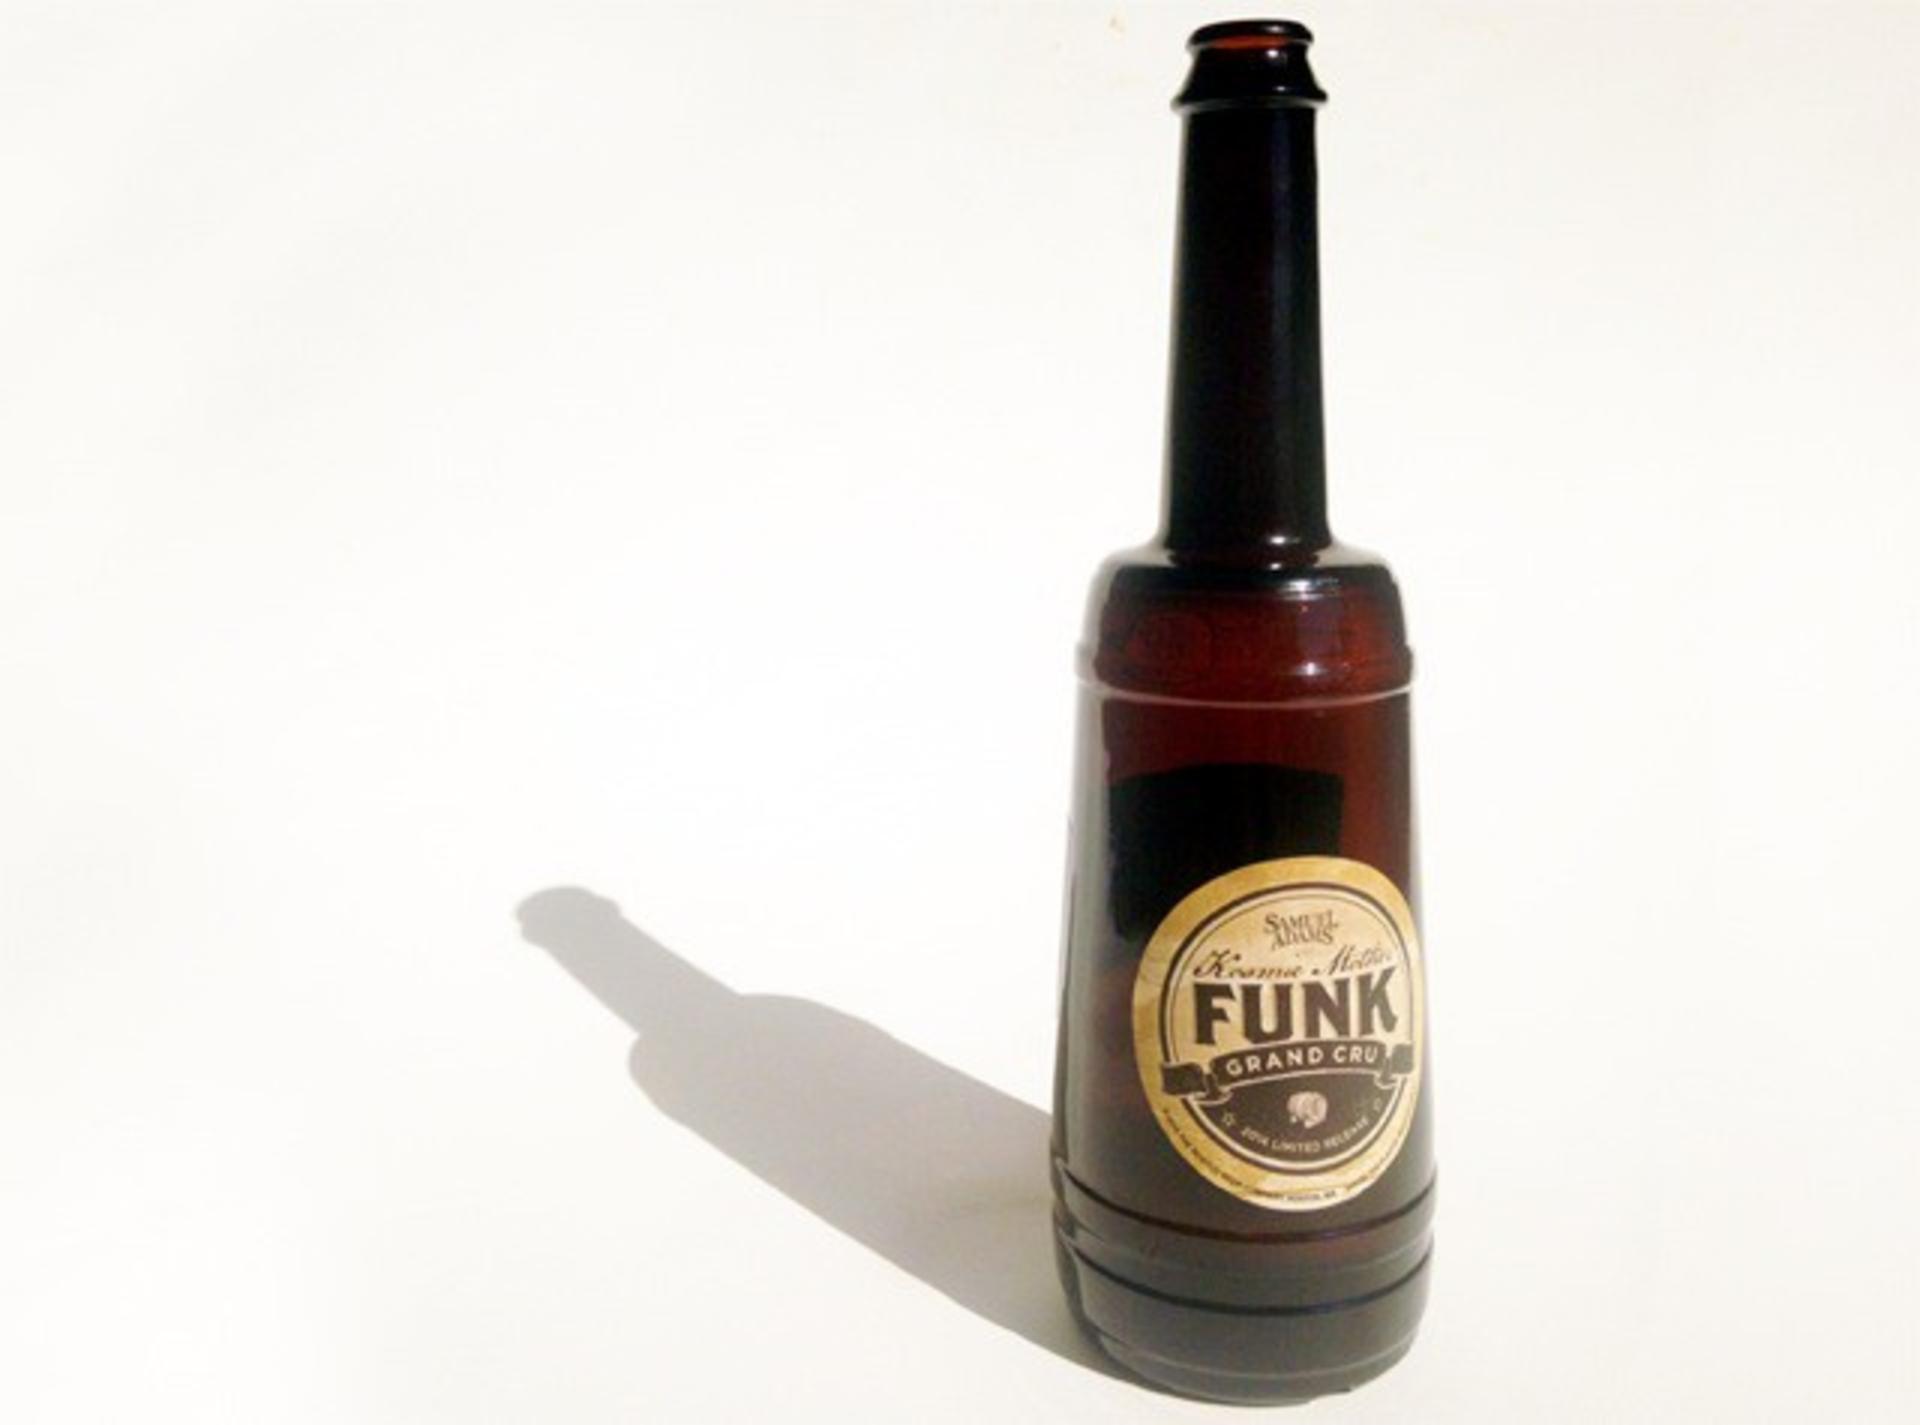 Samuel Adams Kosmic Mother Funk Grand Cru 2014 Limited Release Beer Tap Handle